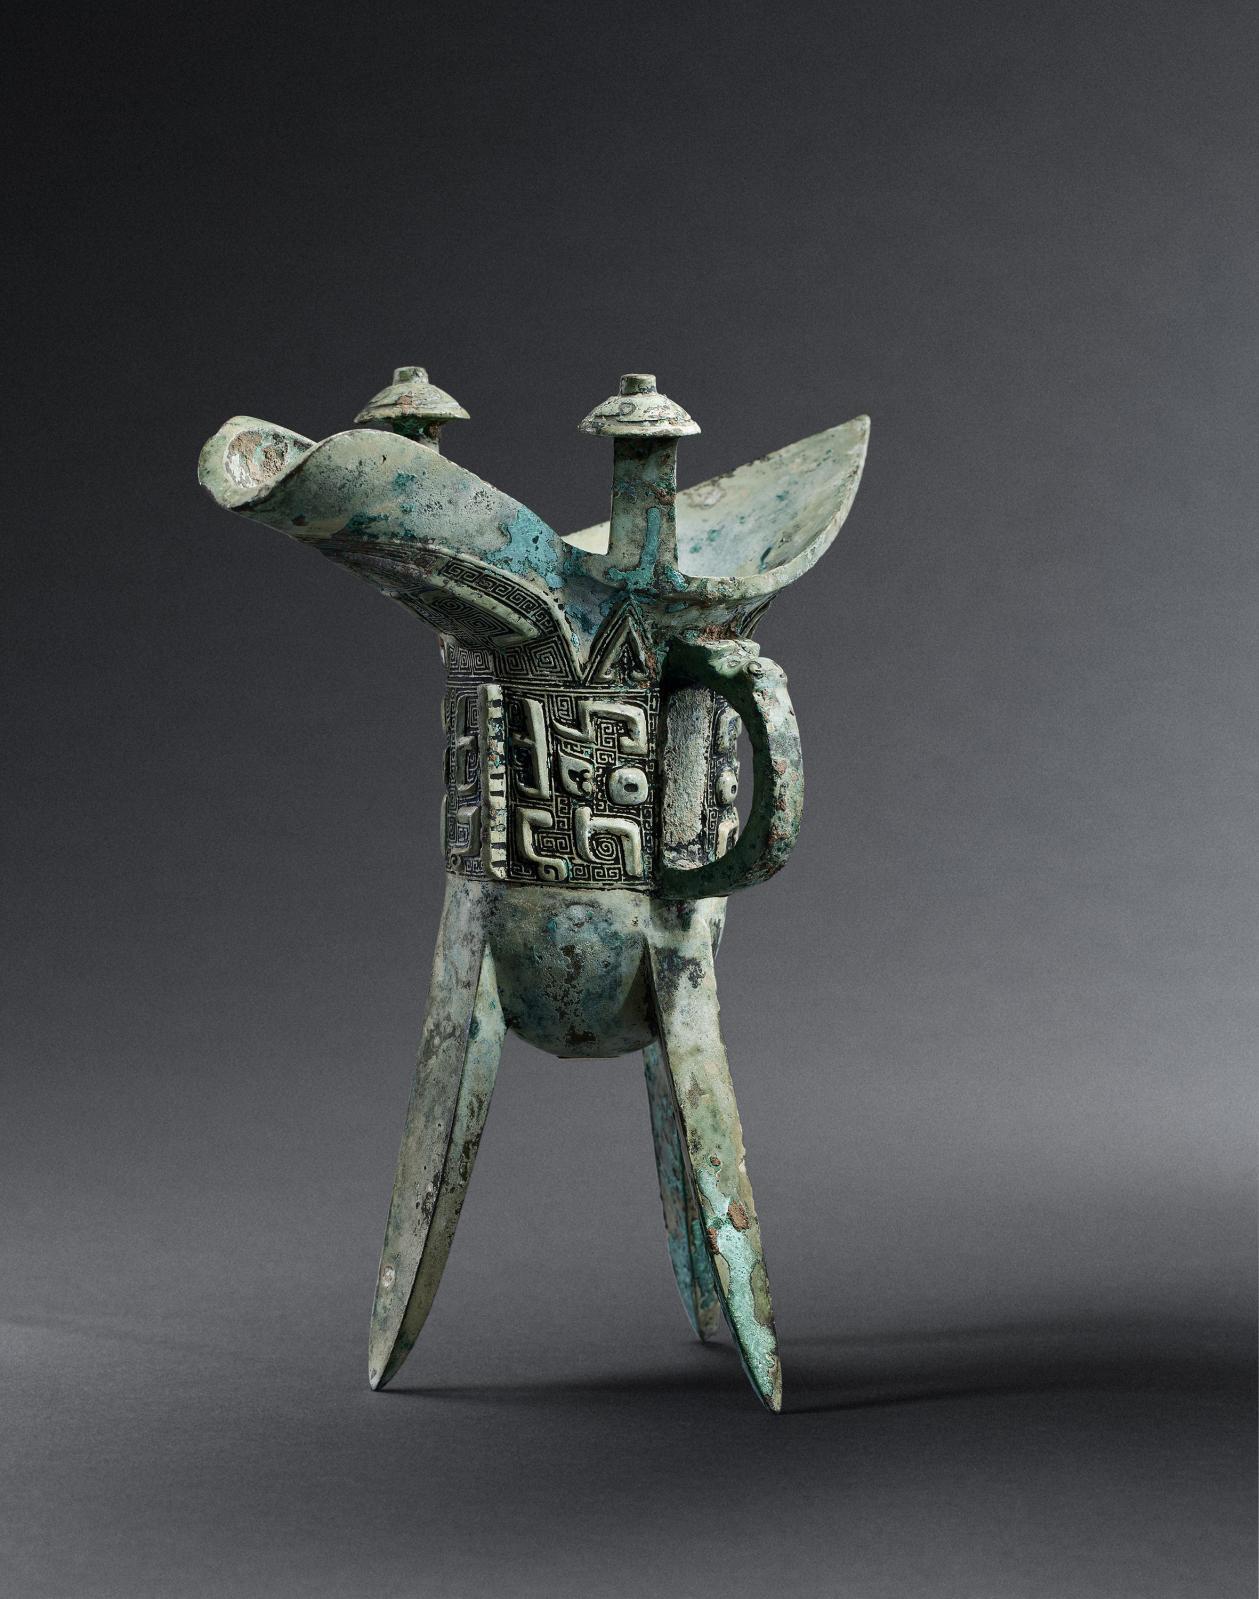 Bronze archaïque jue, fin de la dynastie Shang (vers 1250-1050av. J-C.), h.20cm. Galerie Gisèle Croës. © STUDIO R. ASSELBERGHS FREDERIC DEHAEN